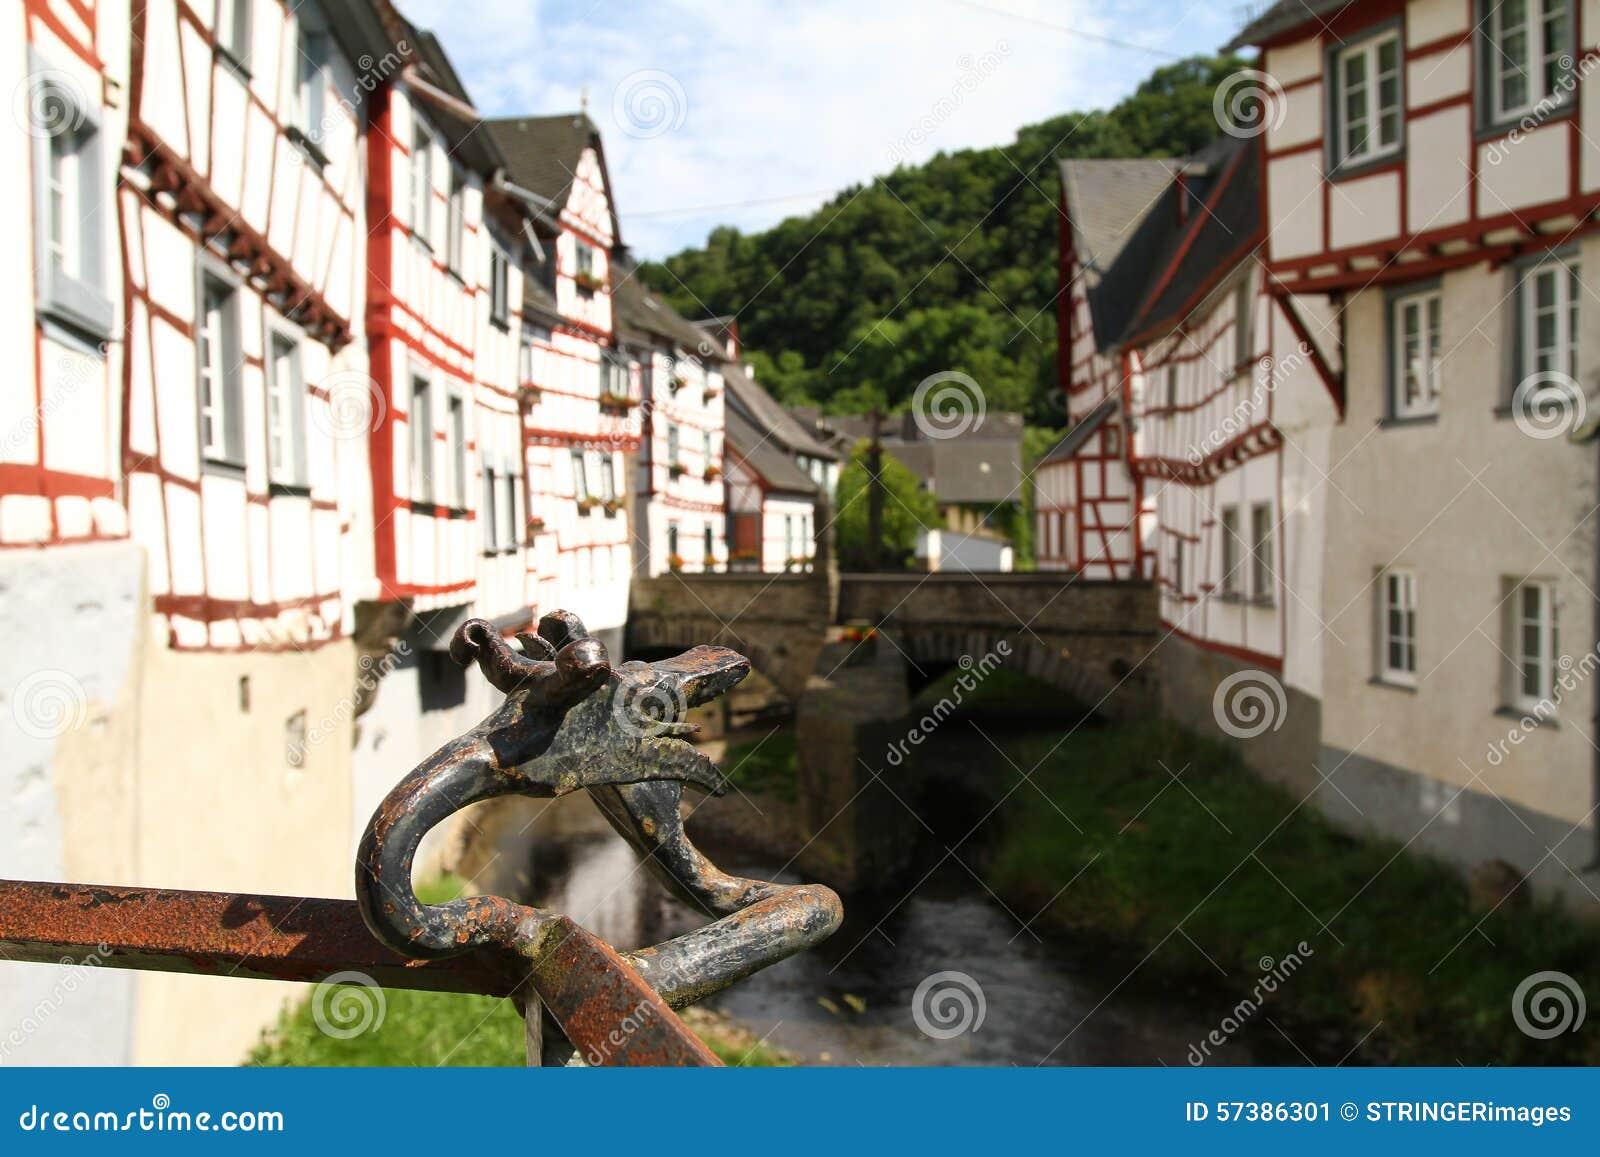 Draak hoofdtraliewerk voor een middeleeuwse dorpsachtergrond